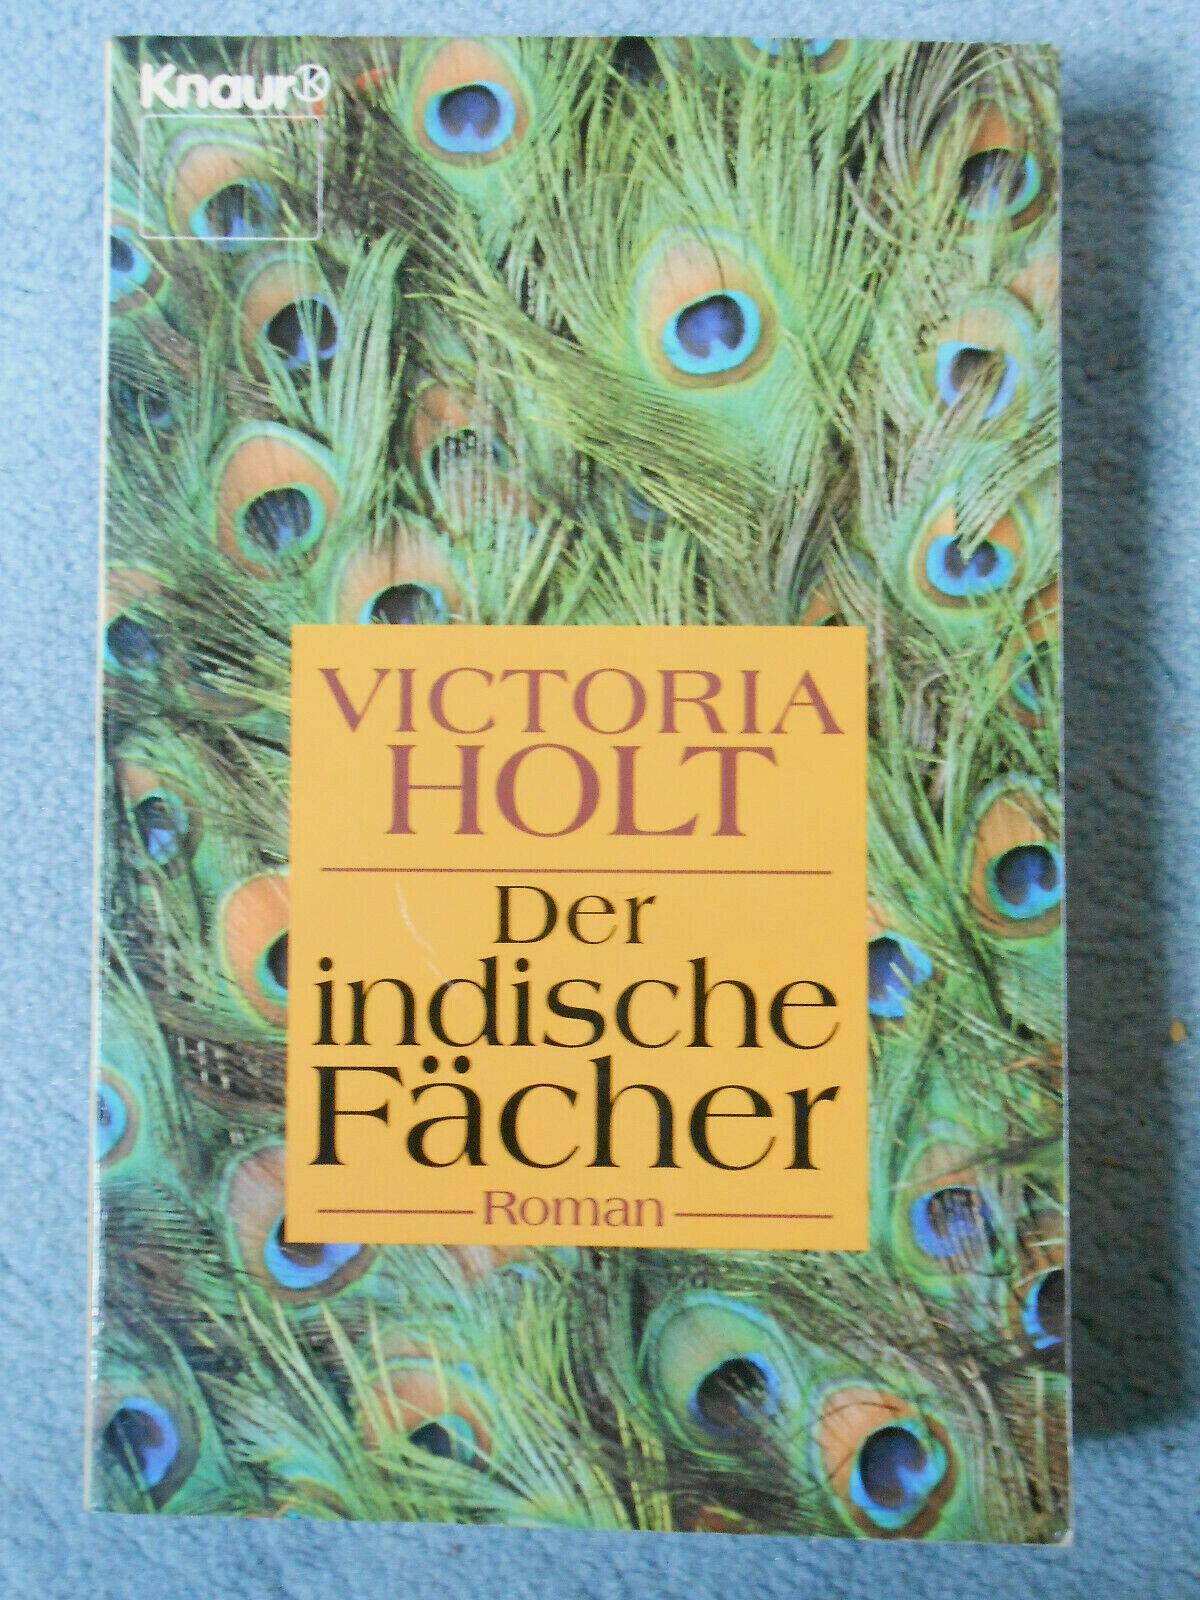 Der indische Fächer von Victoria Holt Taschenbuch - Victoria Holt